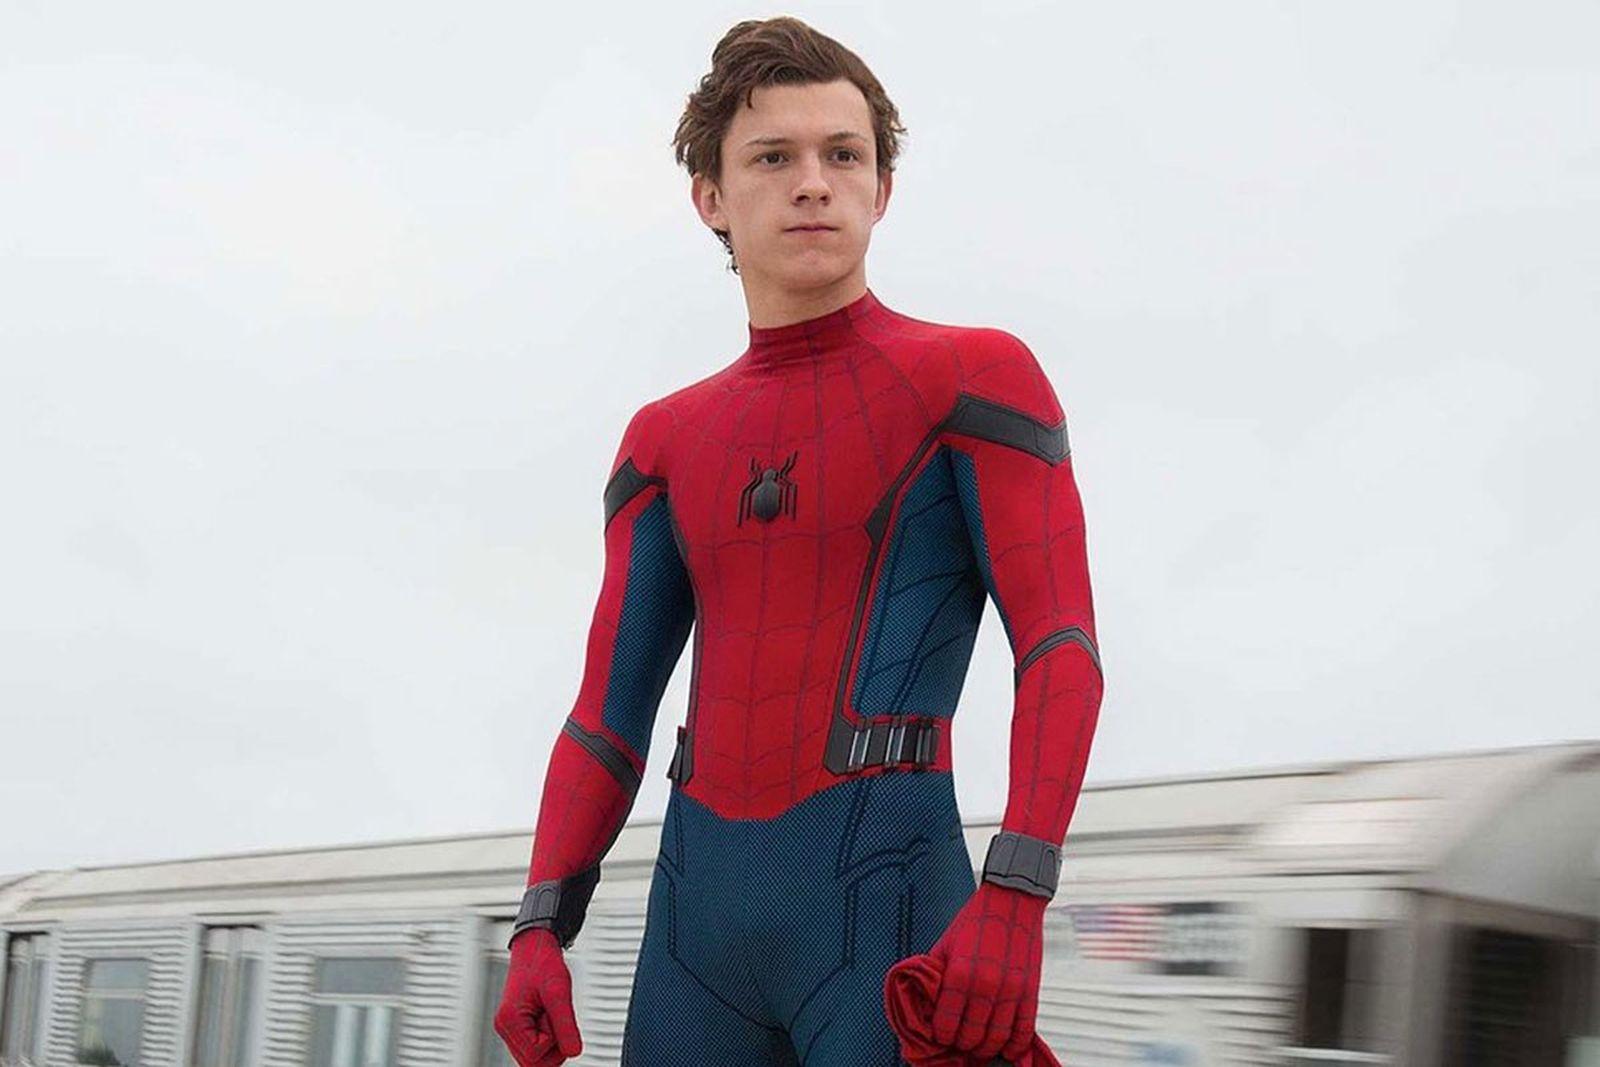 spider man disney sony beef marvel spider-man